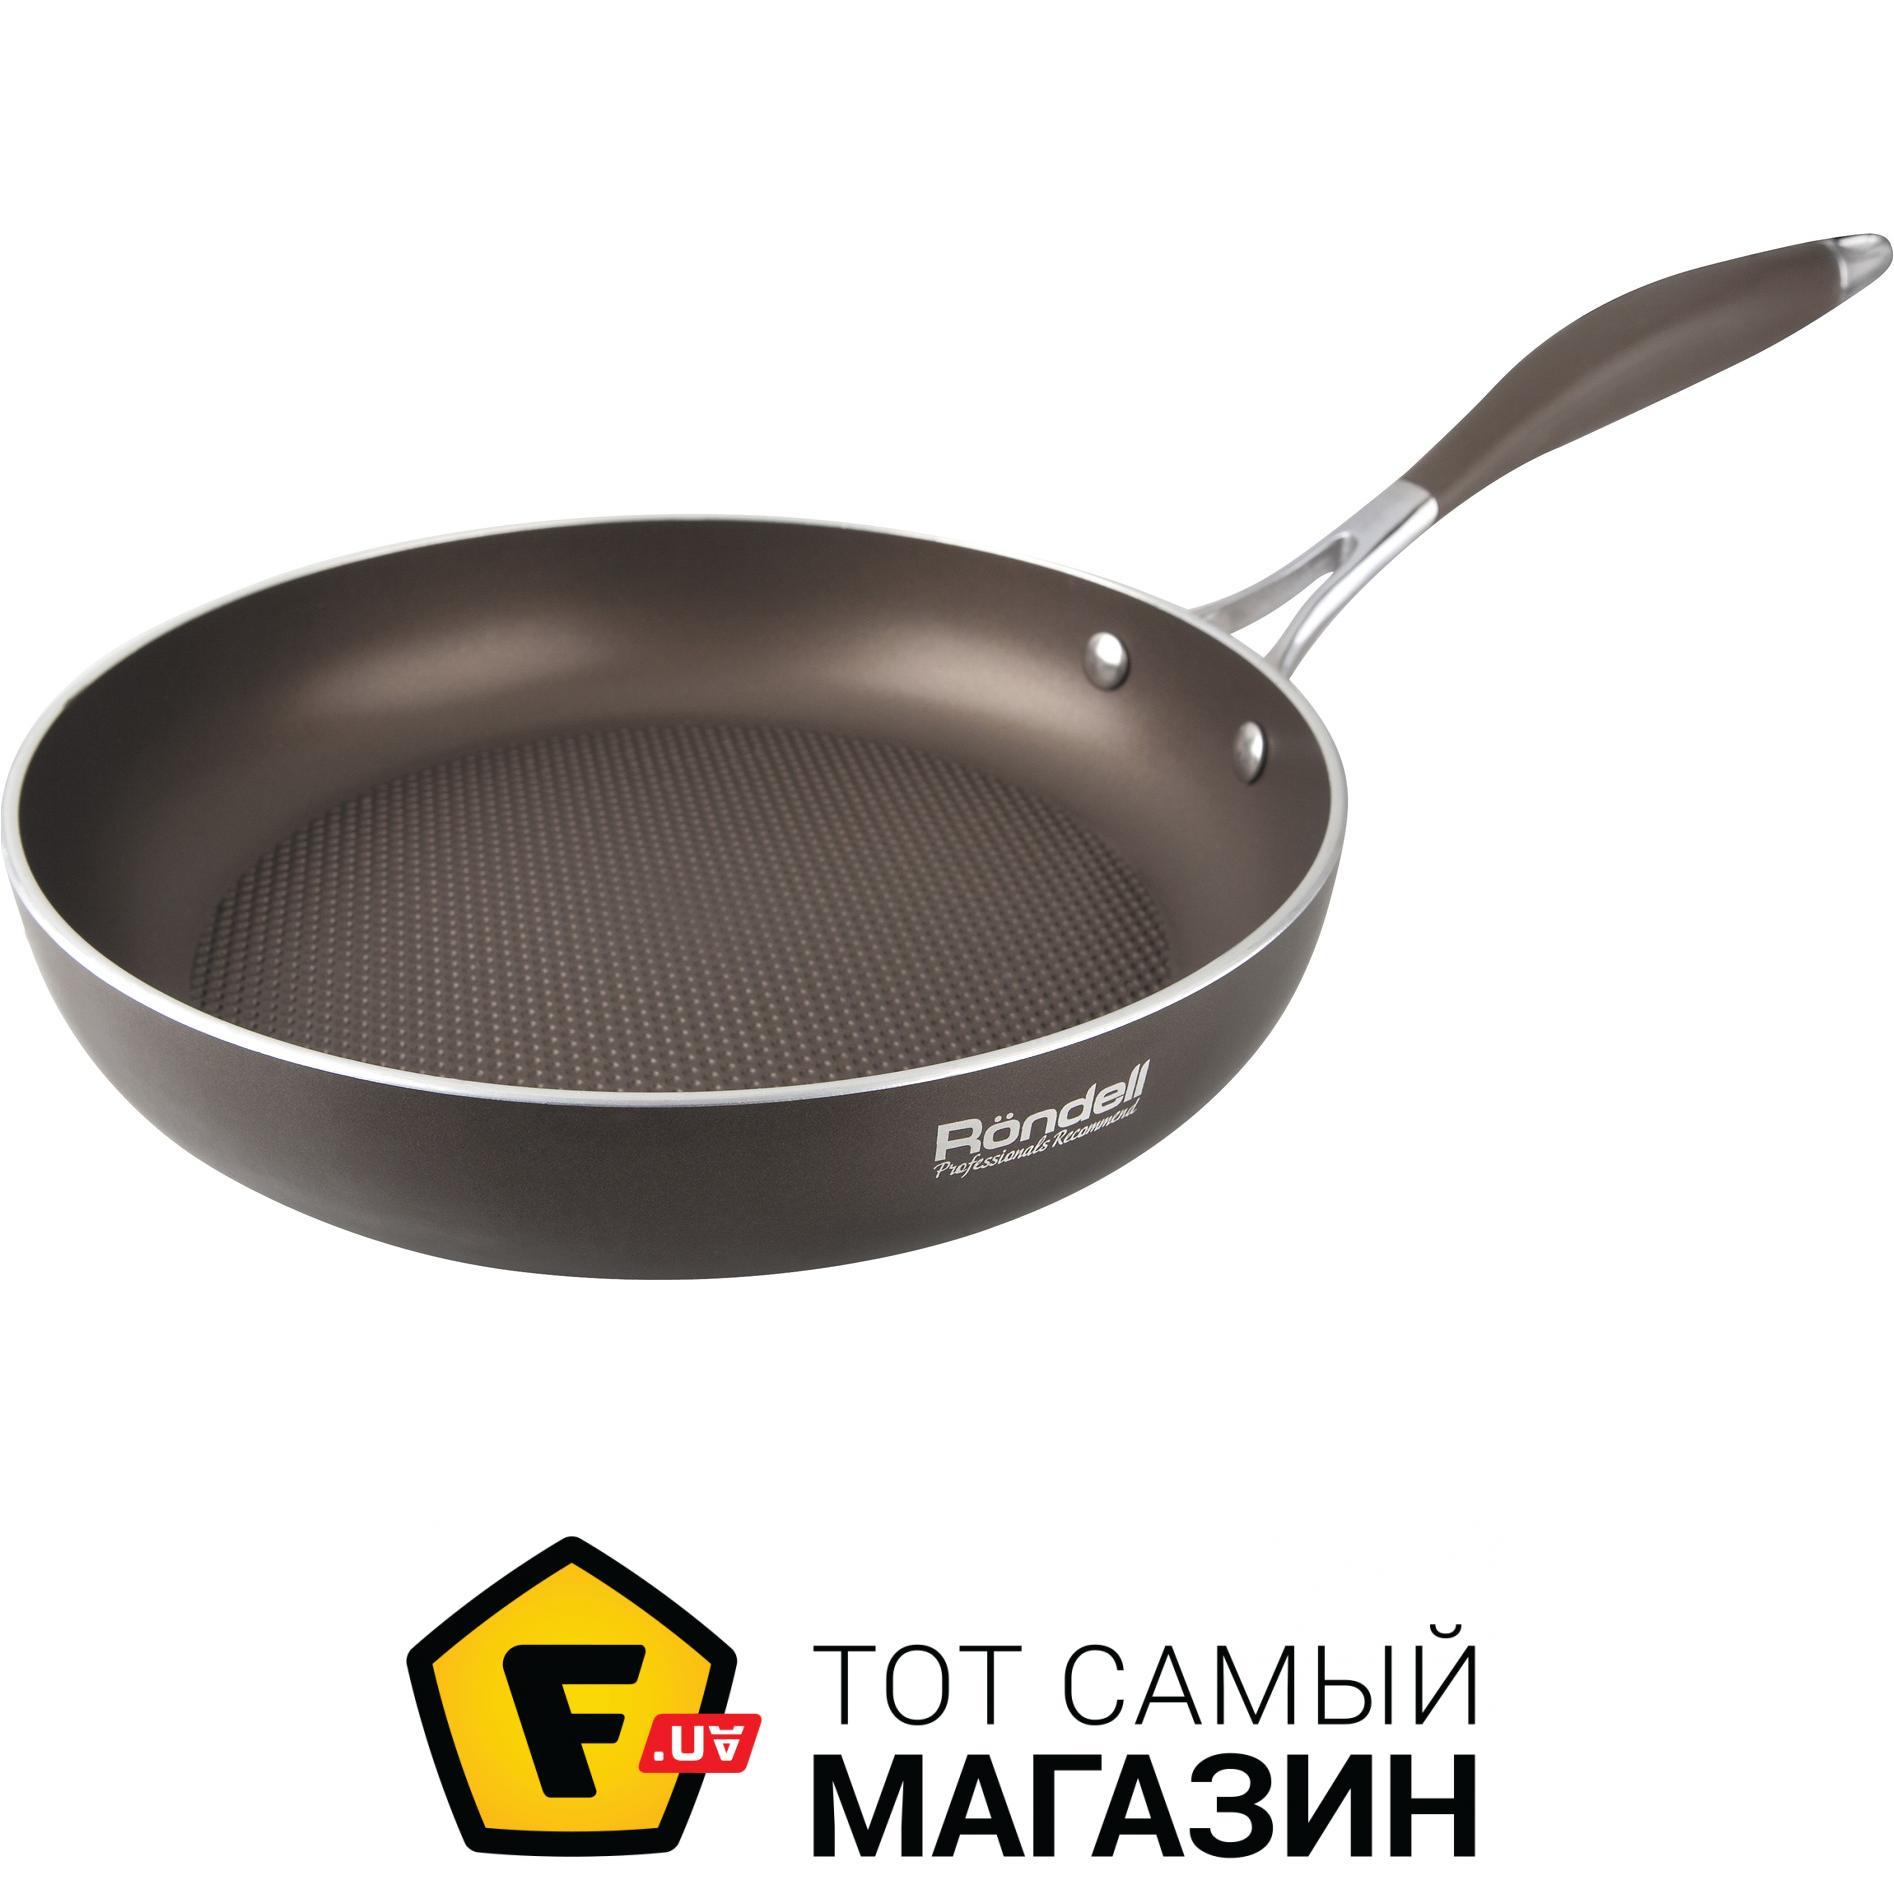 Сковорода Rondell Mocco Rondell 32cm RDA-552